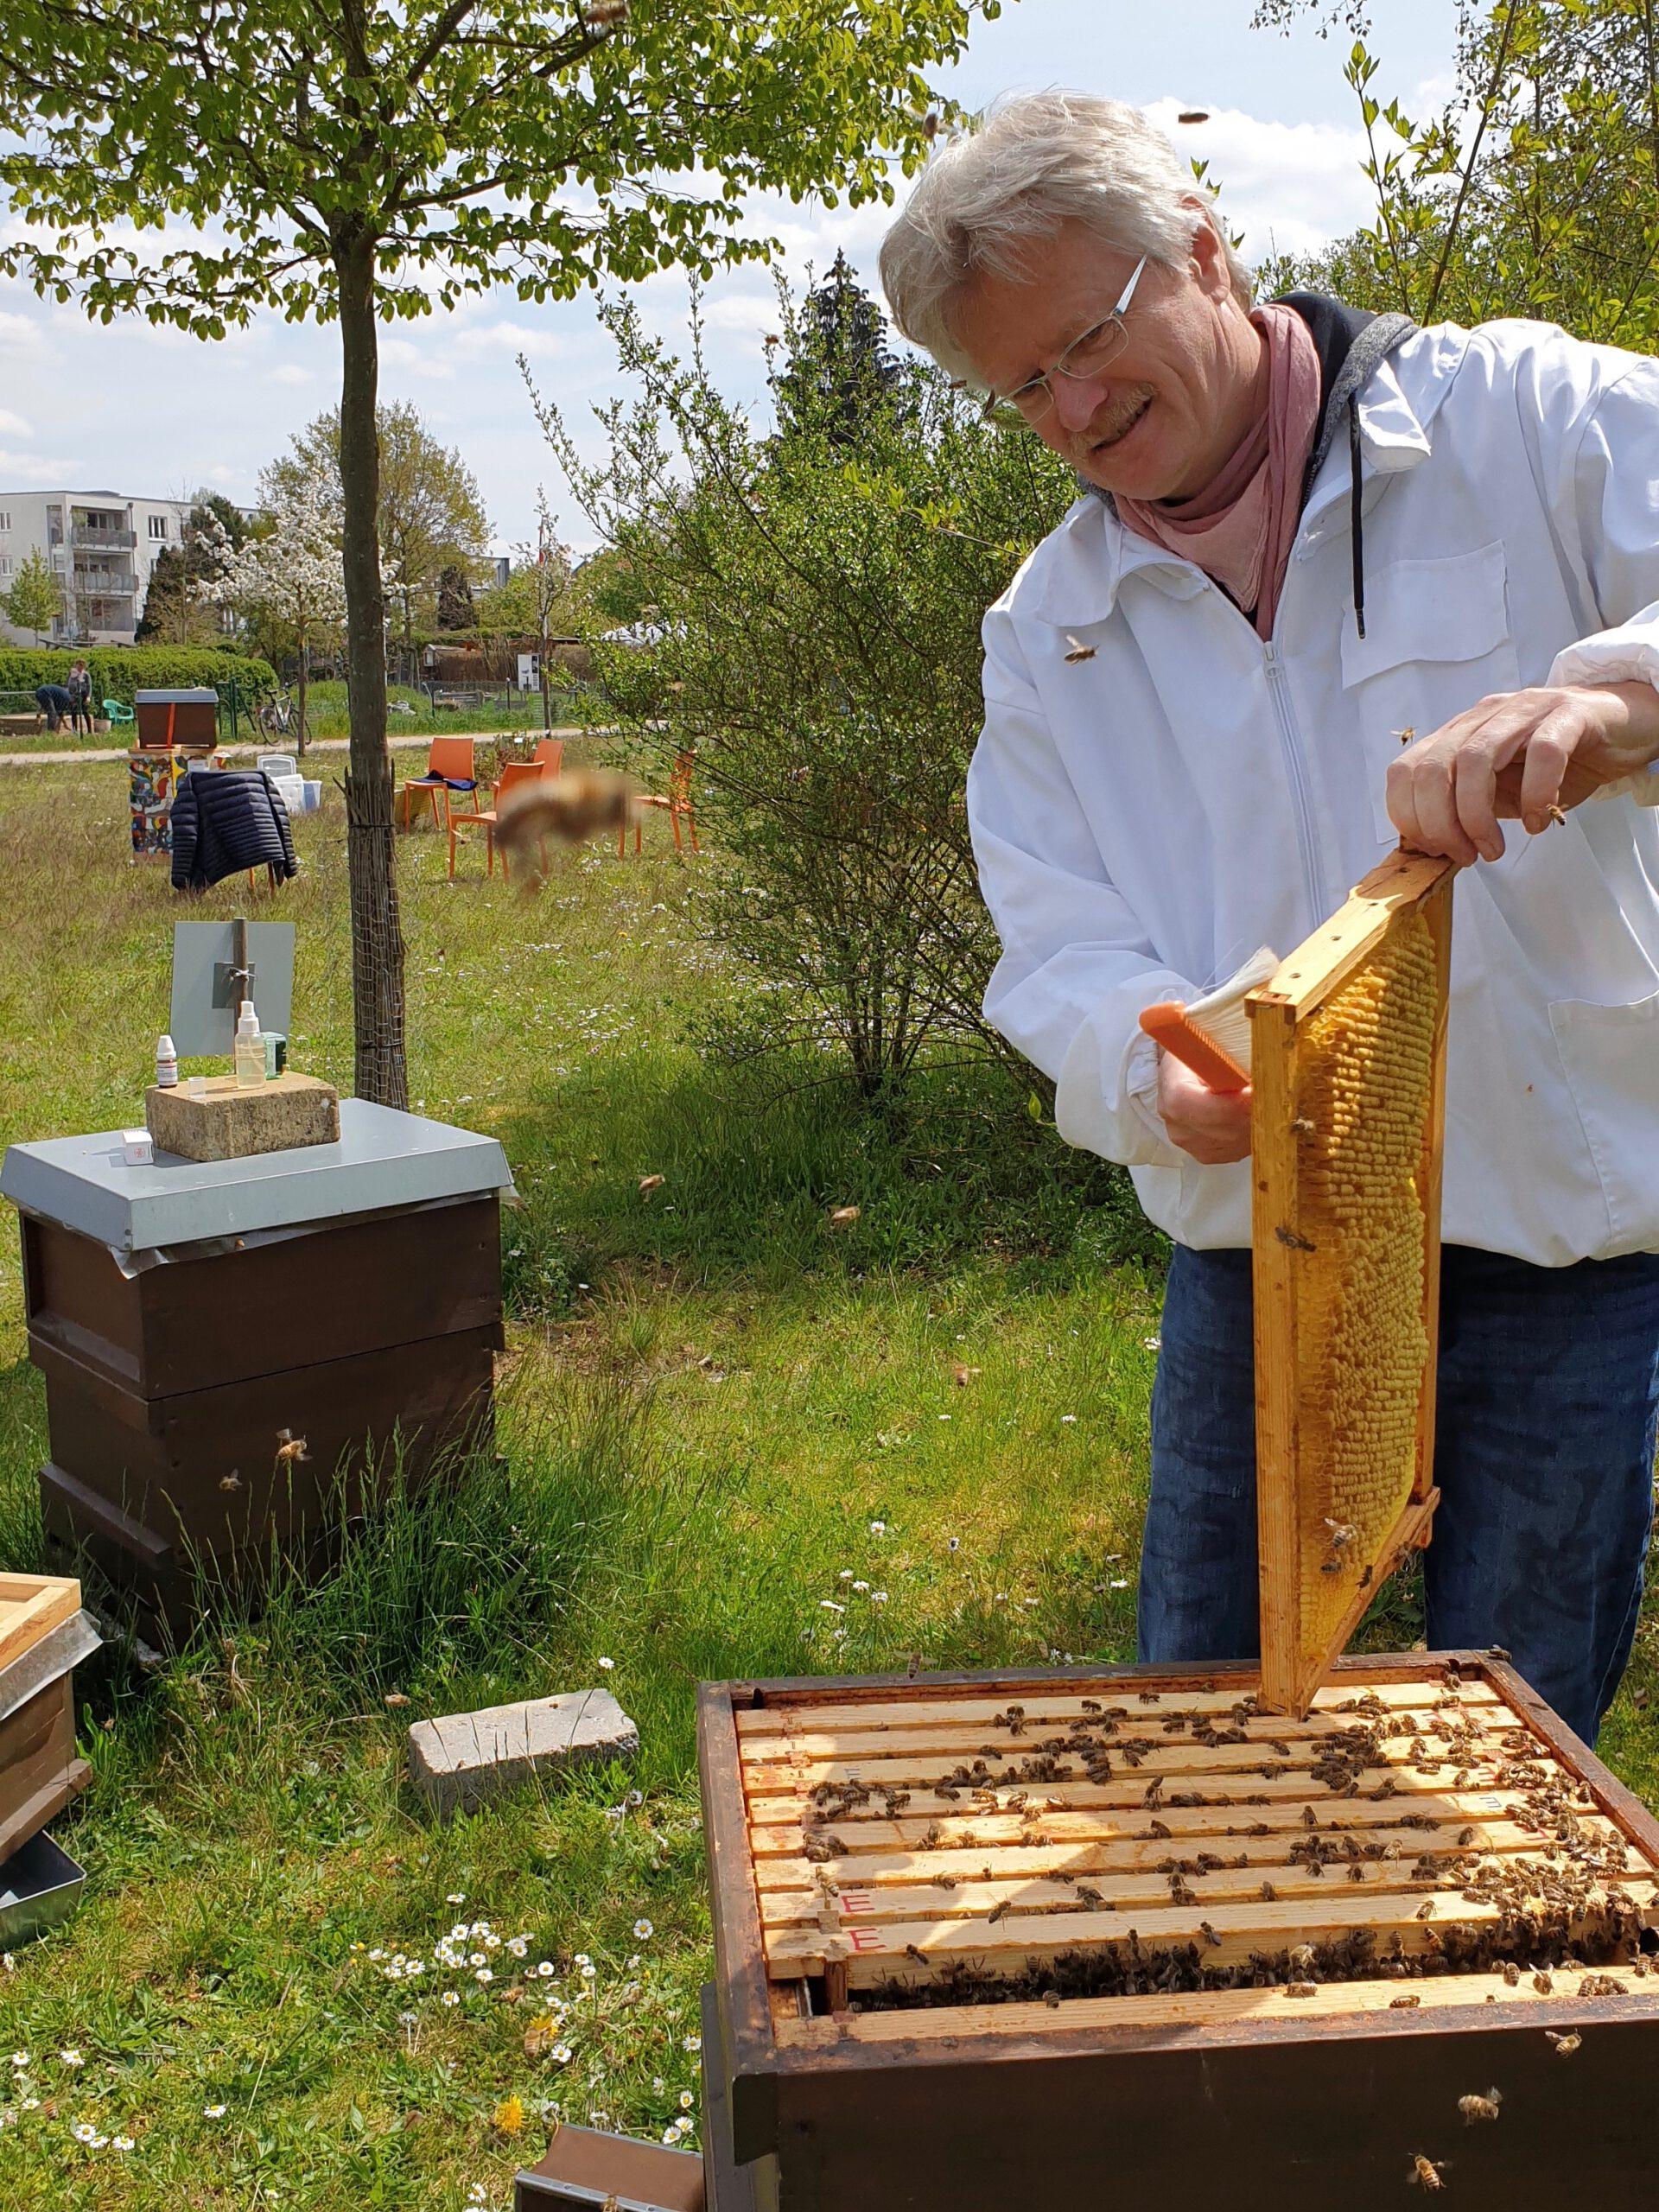 Abkehren der Bienen vom gezogenen Drohnenrahmen